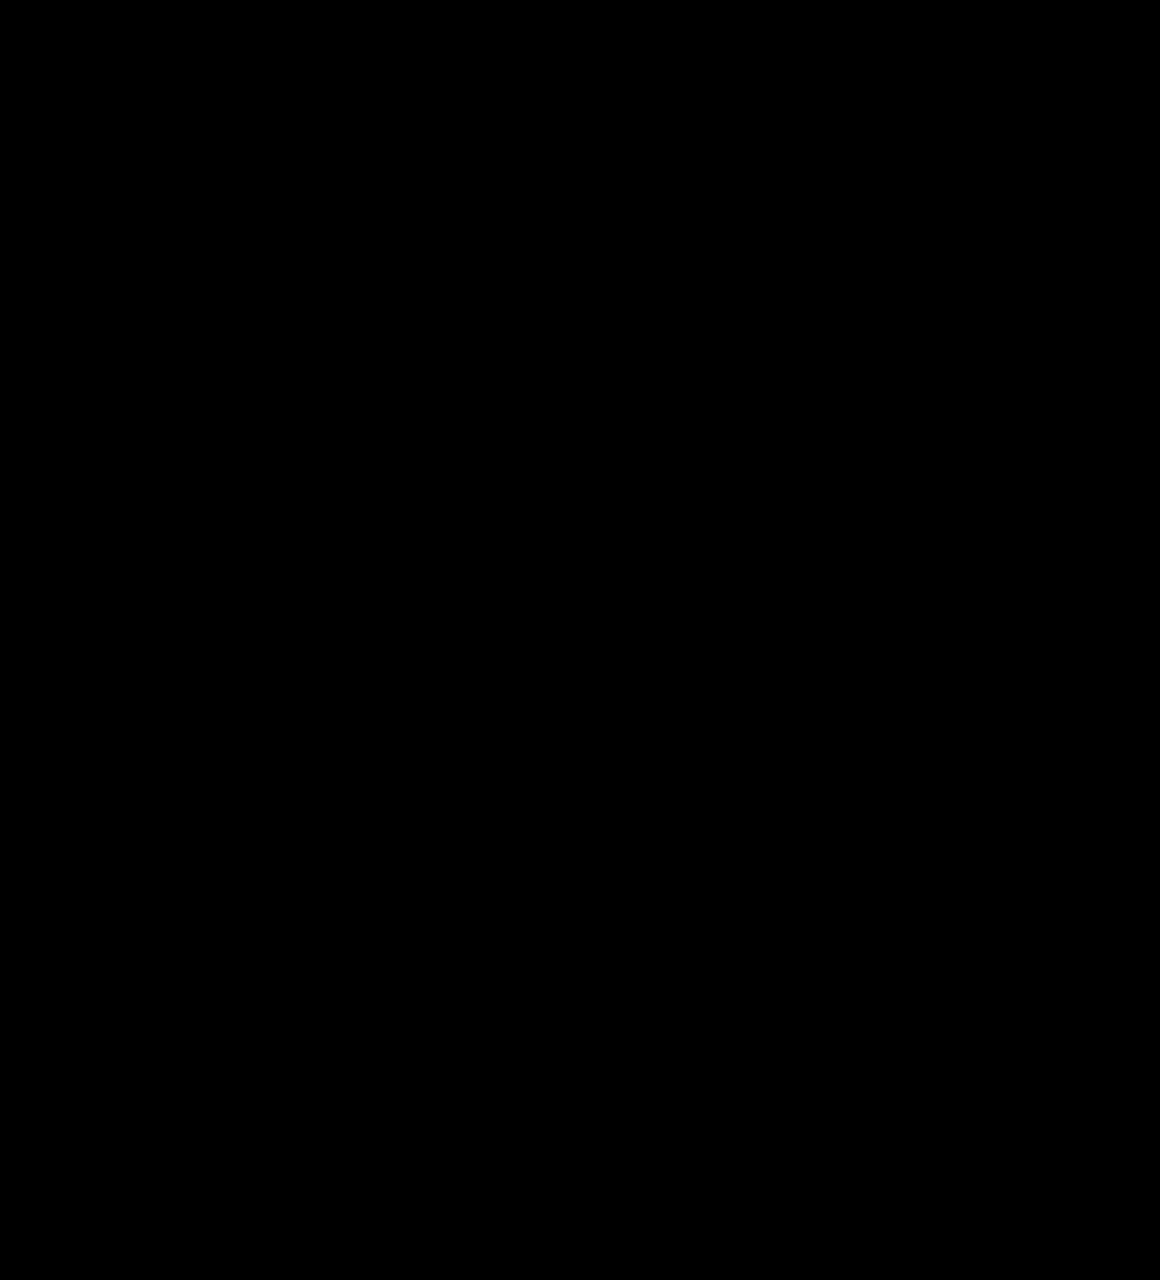 cranium-2099119_1280.png